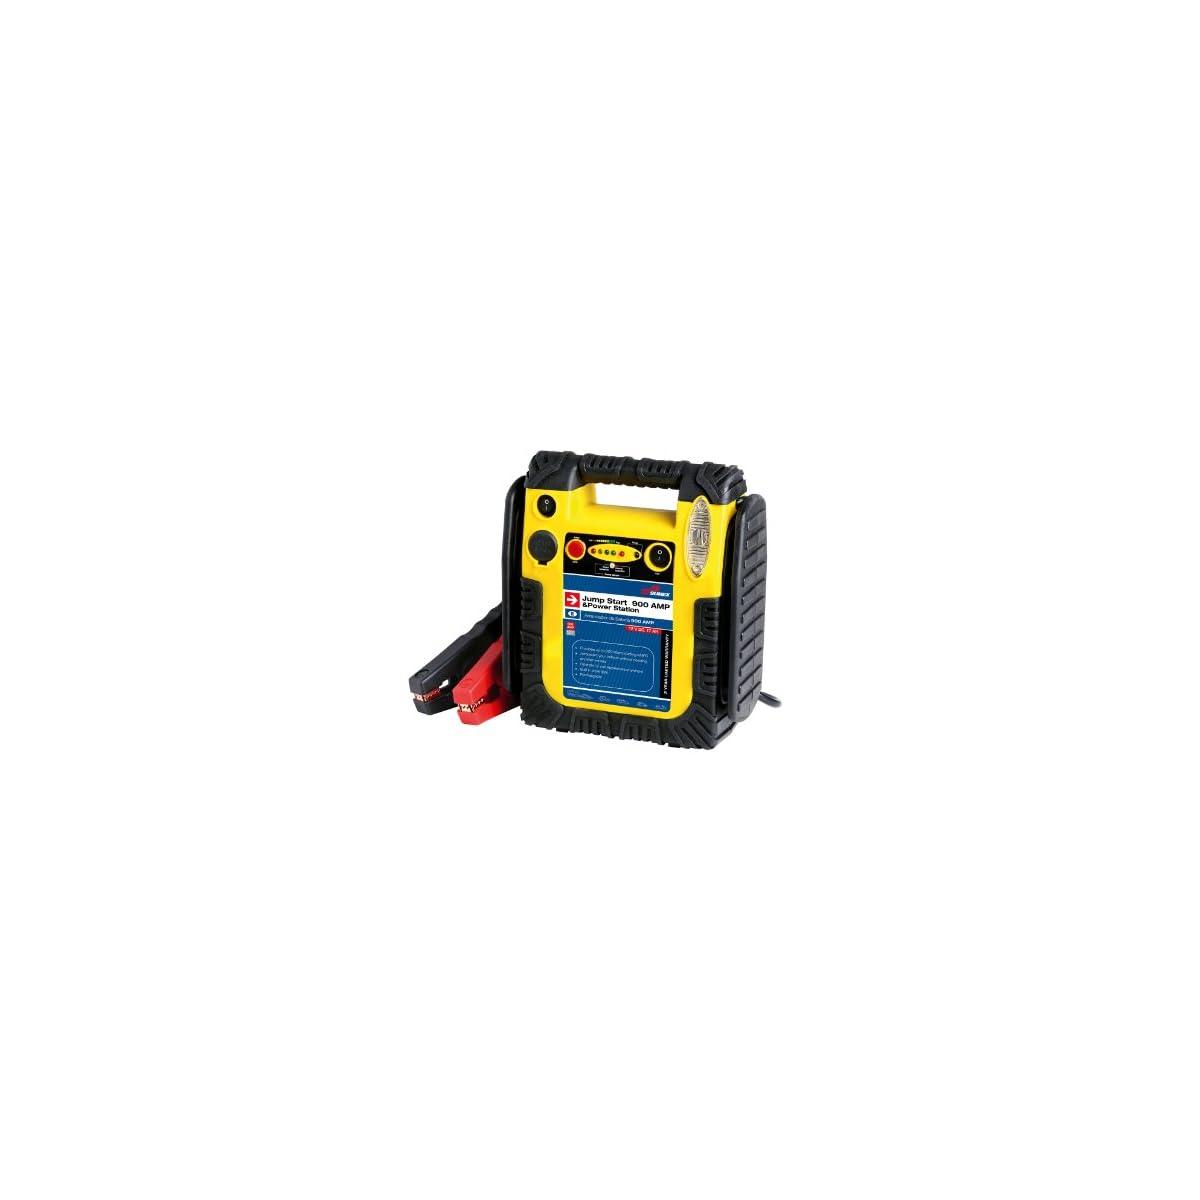 41JvcQmXZnL. SS1200  - SUMEX 3505137 - Arrancado De Batería Jump Start, 900W, Recargable 12V - Muy Potente